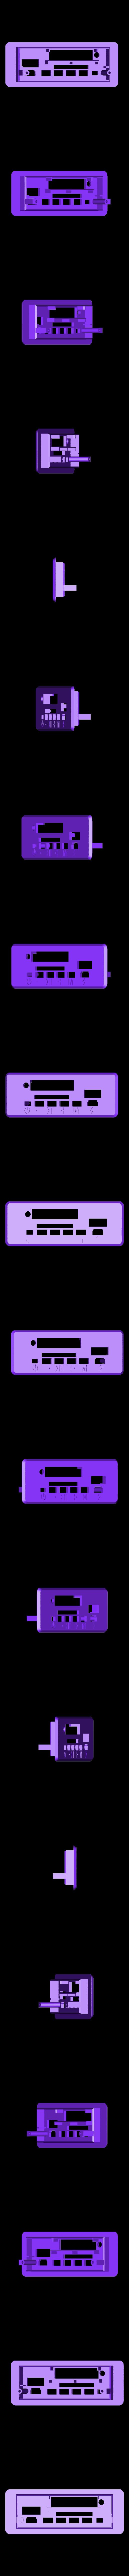 PCB_control_panel_rev01.STL Télécharger fichier STL gratuit Bluetooth speaker • Modèle pour imprimante 3D, BEEVERYCREATIVE